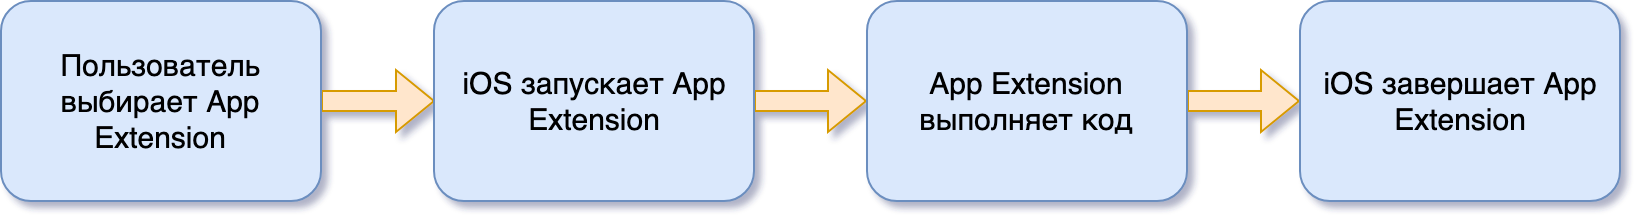 Все, что нужно знать об iOS App Extensions - 2